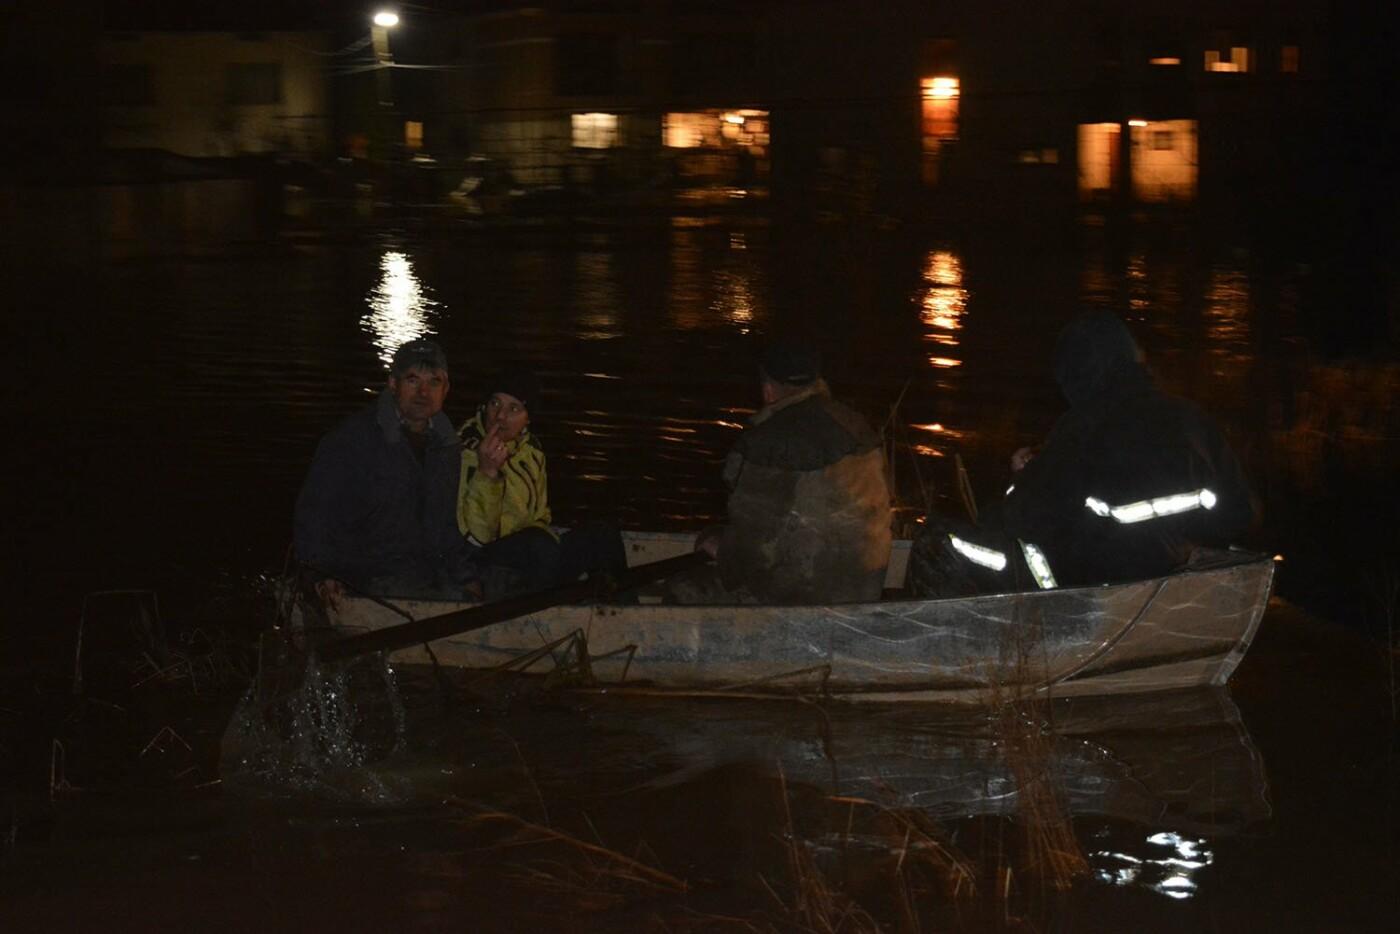 Ситуація стабілізувалася: на Закарпатті човнами евакуювали людей, постраждалих від паводку (ФОТО, ВІДЕО), фото-6